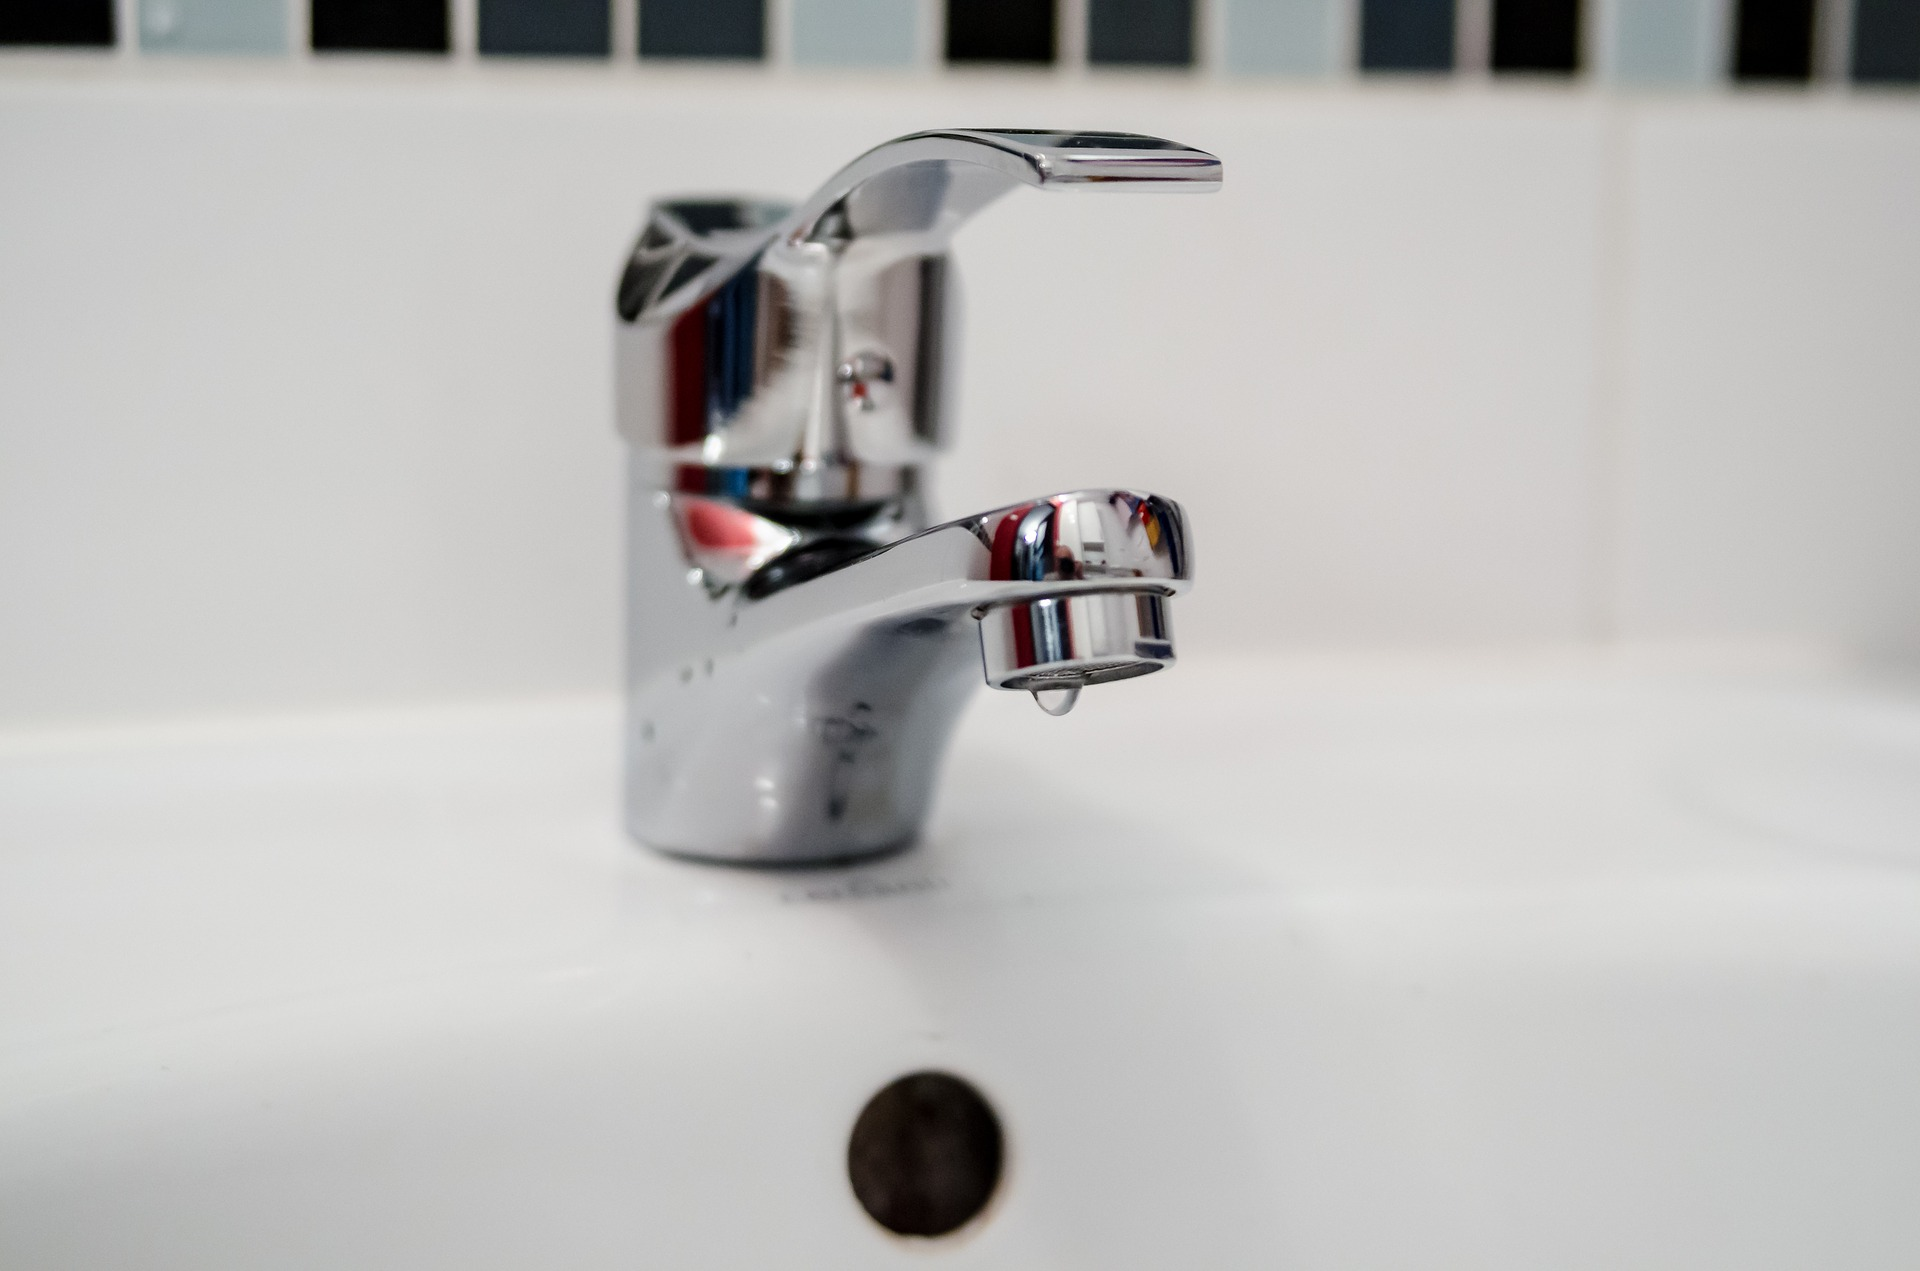 Dépannage robinetterie : une fuite d'eau peut vous coûter très cher !